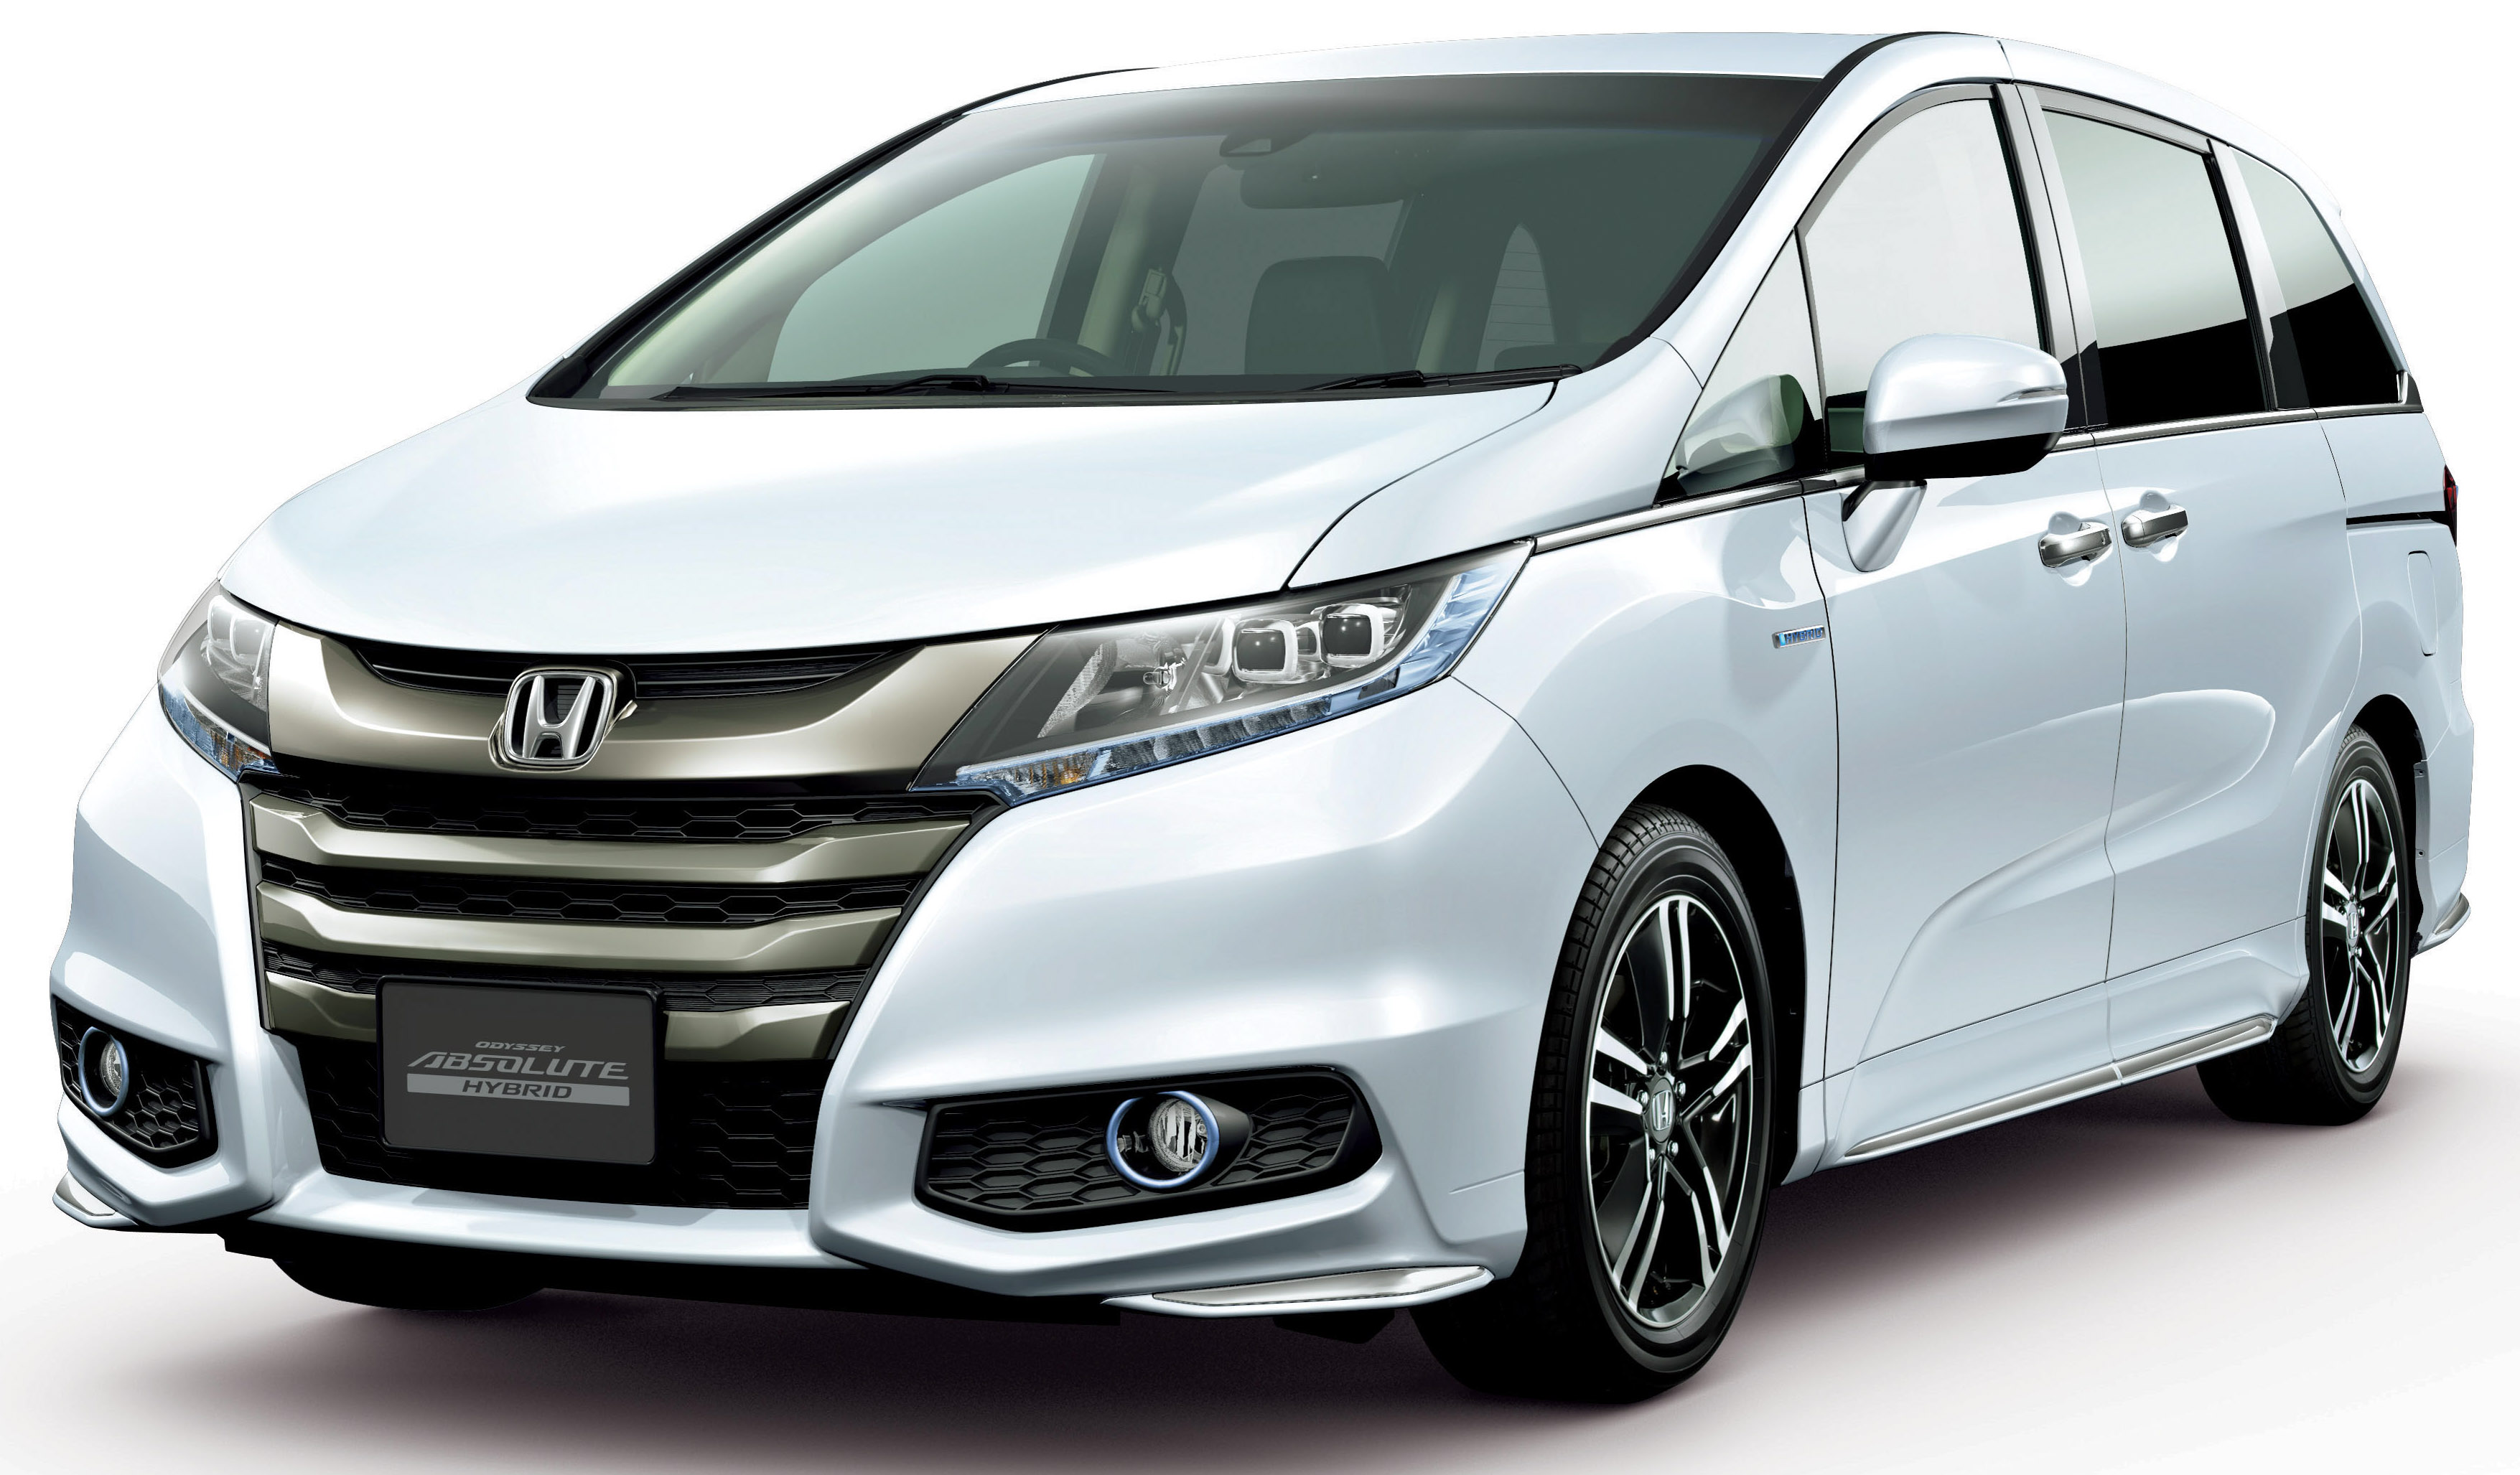 Honda Odyssey Hybrid Refresh Goes On Sale In Japan Paul